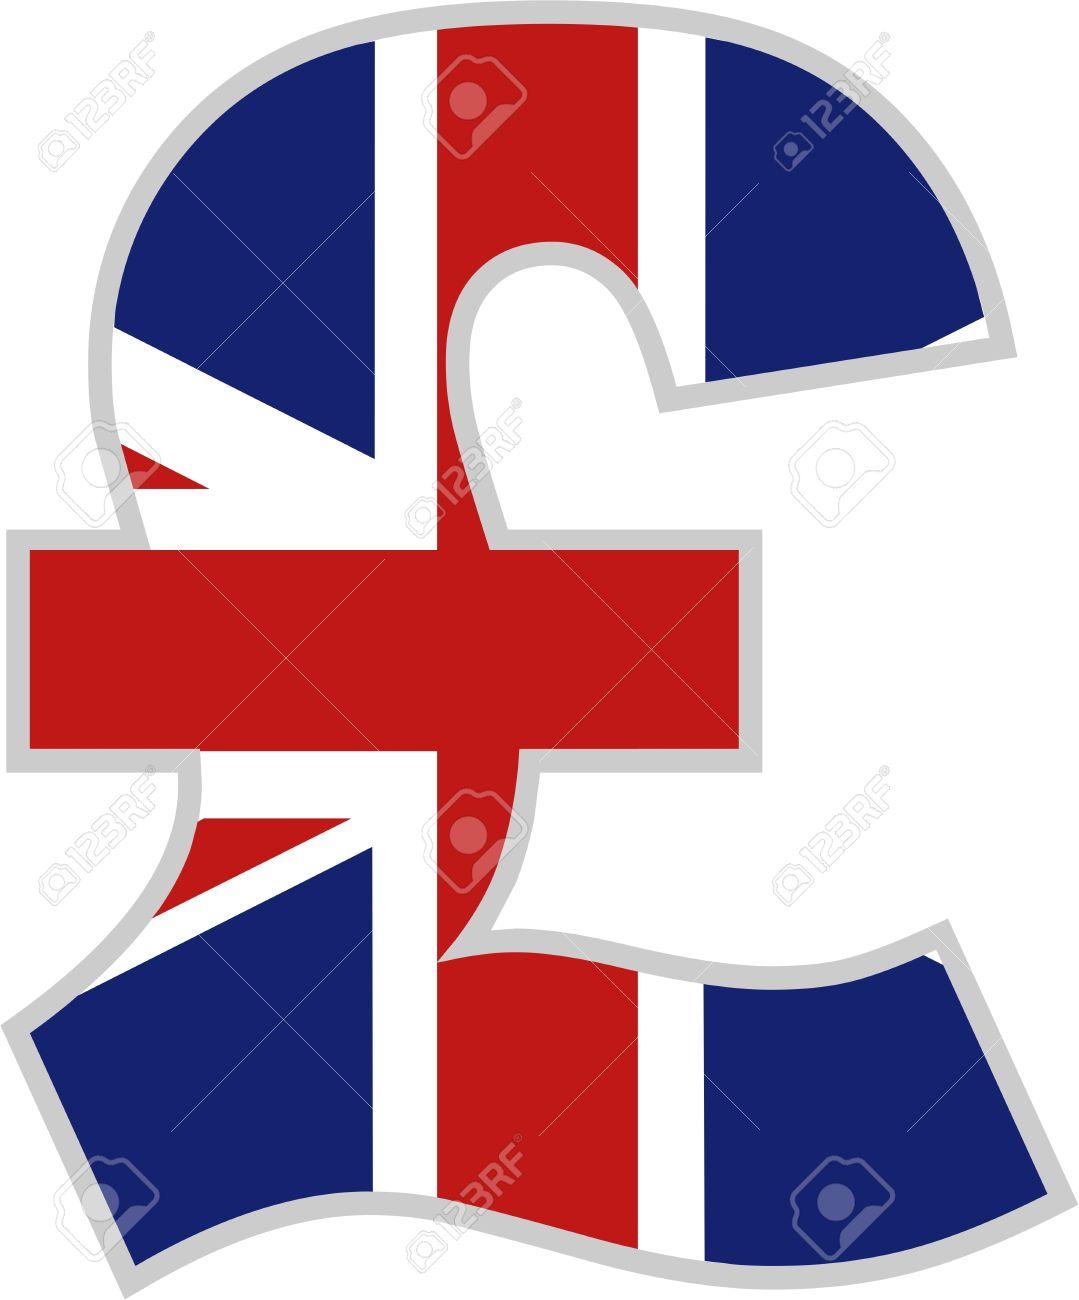 British pound symbol with union jack flag design stock photo british pound symbol with union jack flag design stock photo 2527779 buycottarizona Images